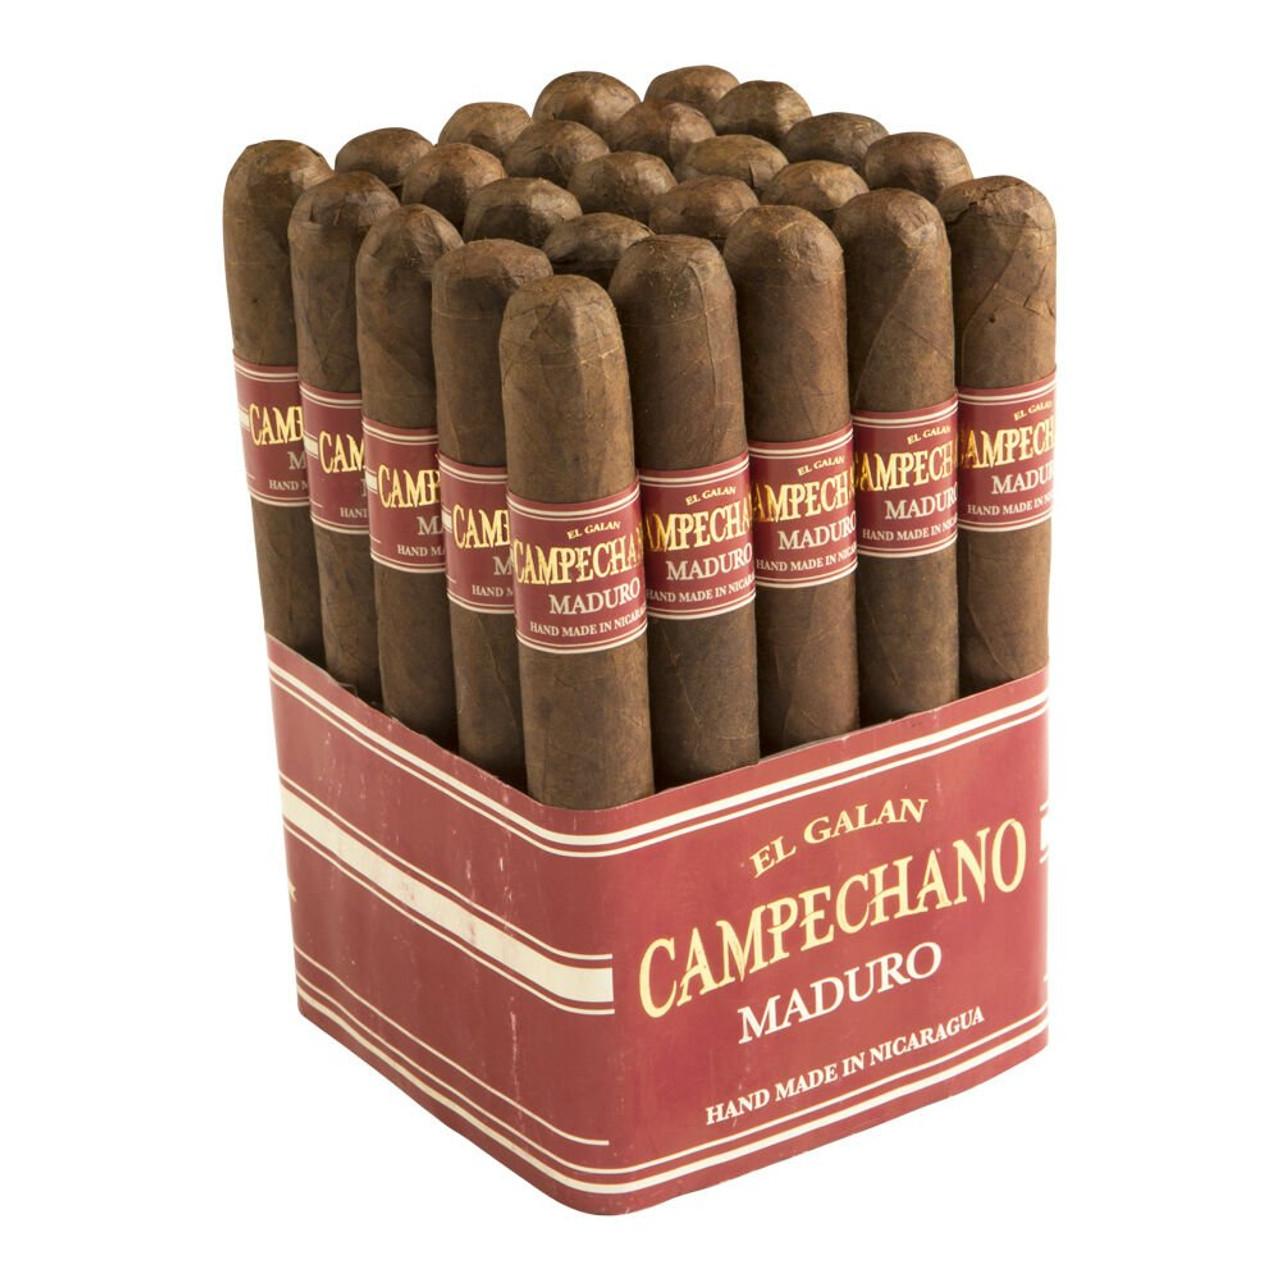 El Galan Campechano Toro Maduro Cigars - 6 x 50 (Bundle of 25)